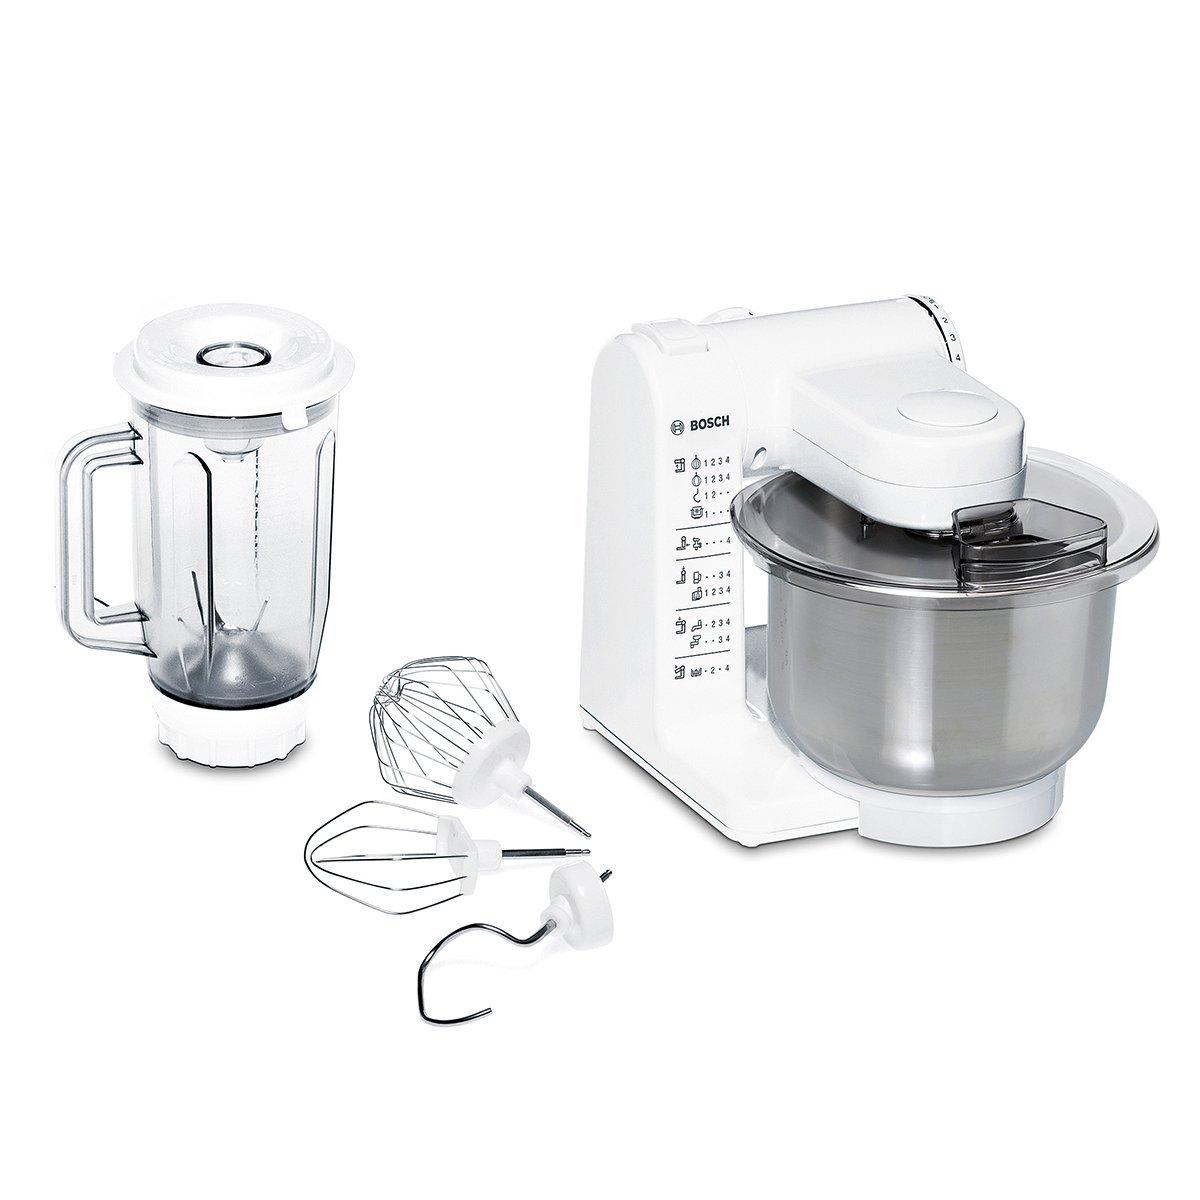 [Kaufland] ab 17.11. BOSCH Küchenmaschine MUM4409 für 89,99 Euro